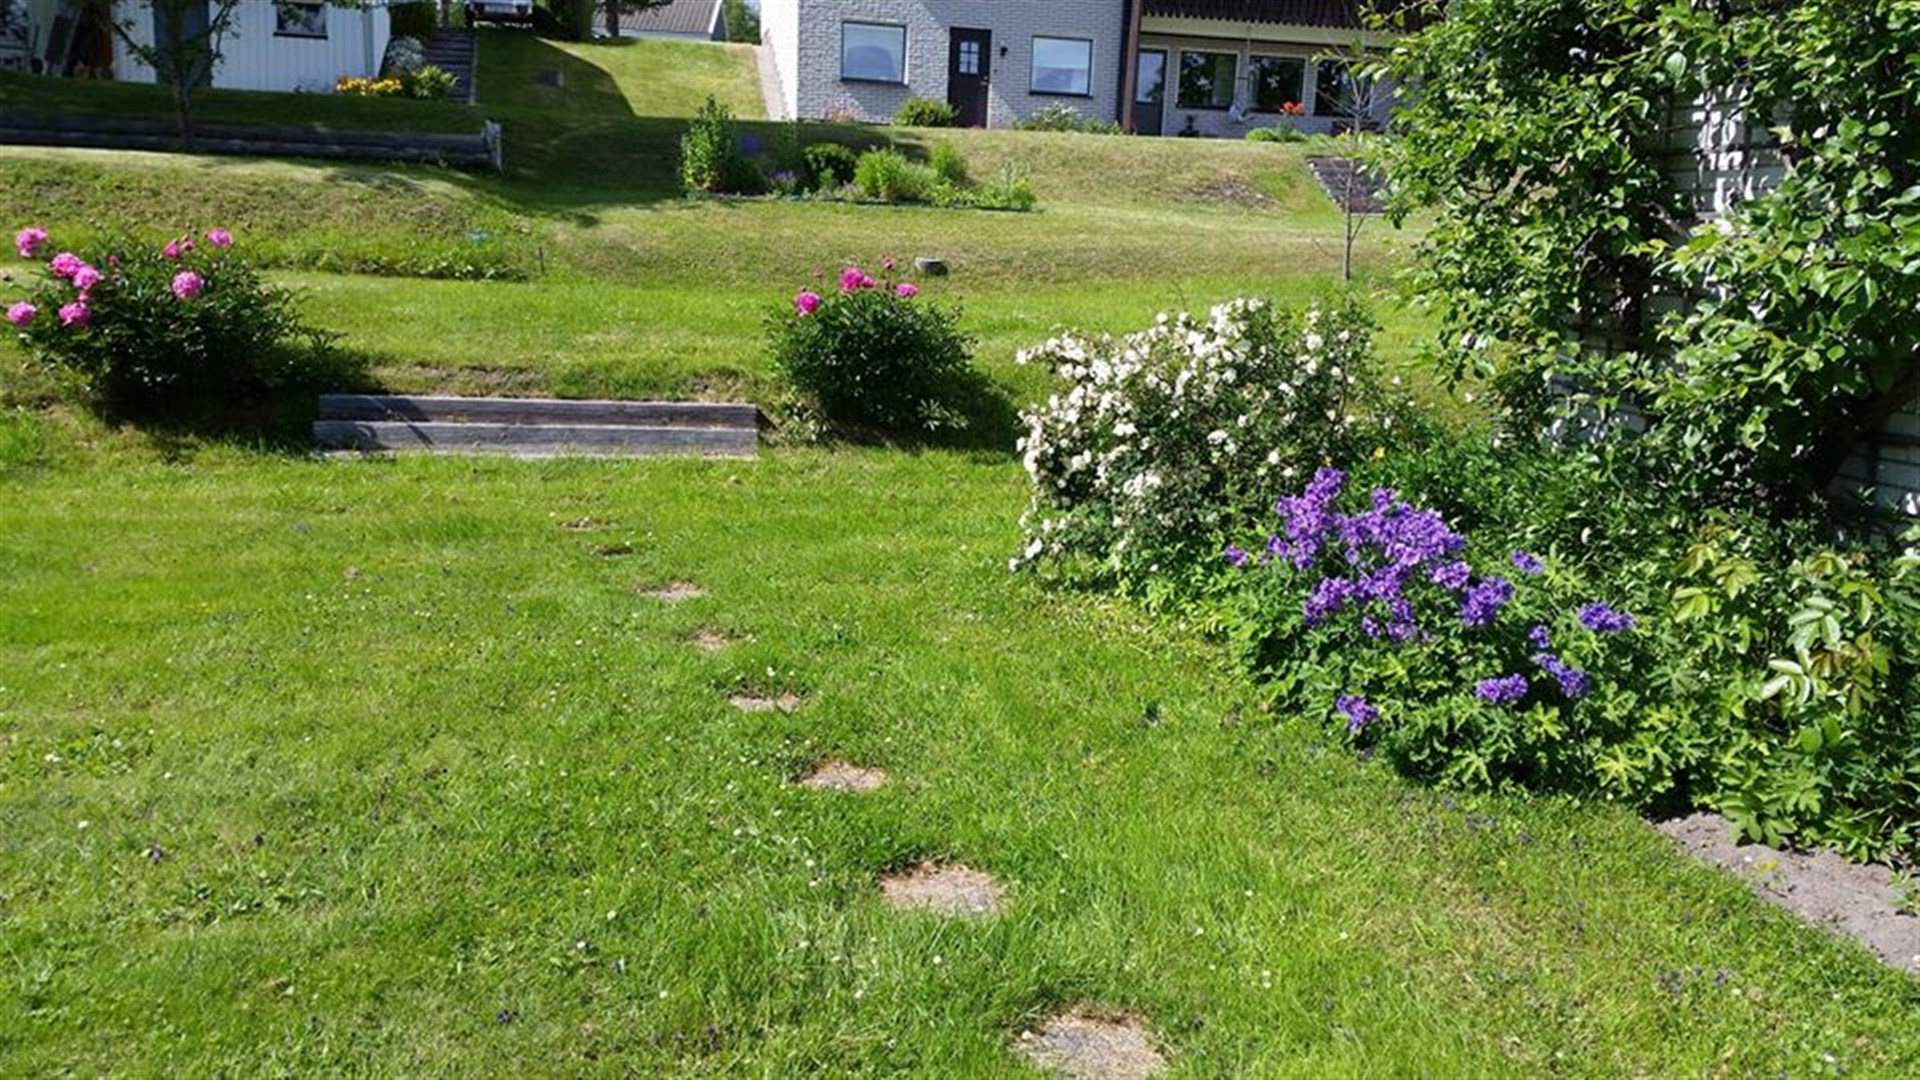 Rabatt med vita rosor och blå blommor, mot väggen Viktoria plommon i spaljé. Två Rosa Pion buskar på var sin sida om trapp på gårdsplanens baksida.